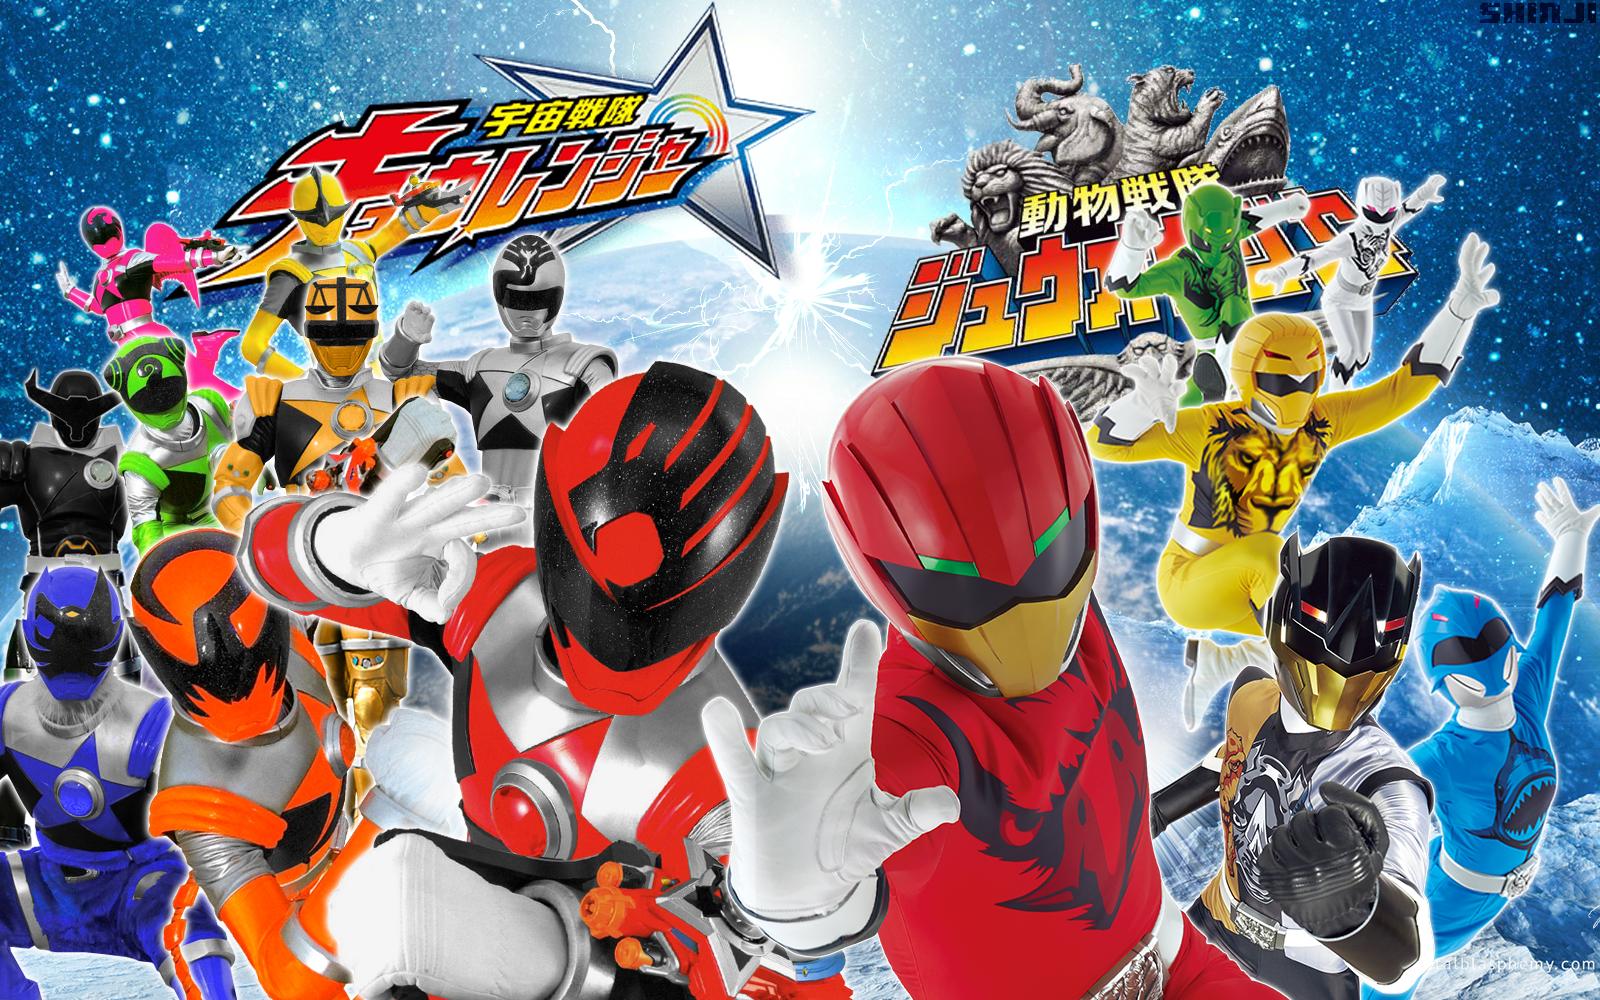 Doubutsu Sentai Zyuohger x Uchu Sentai Kyuranger by